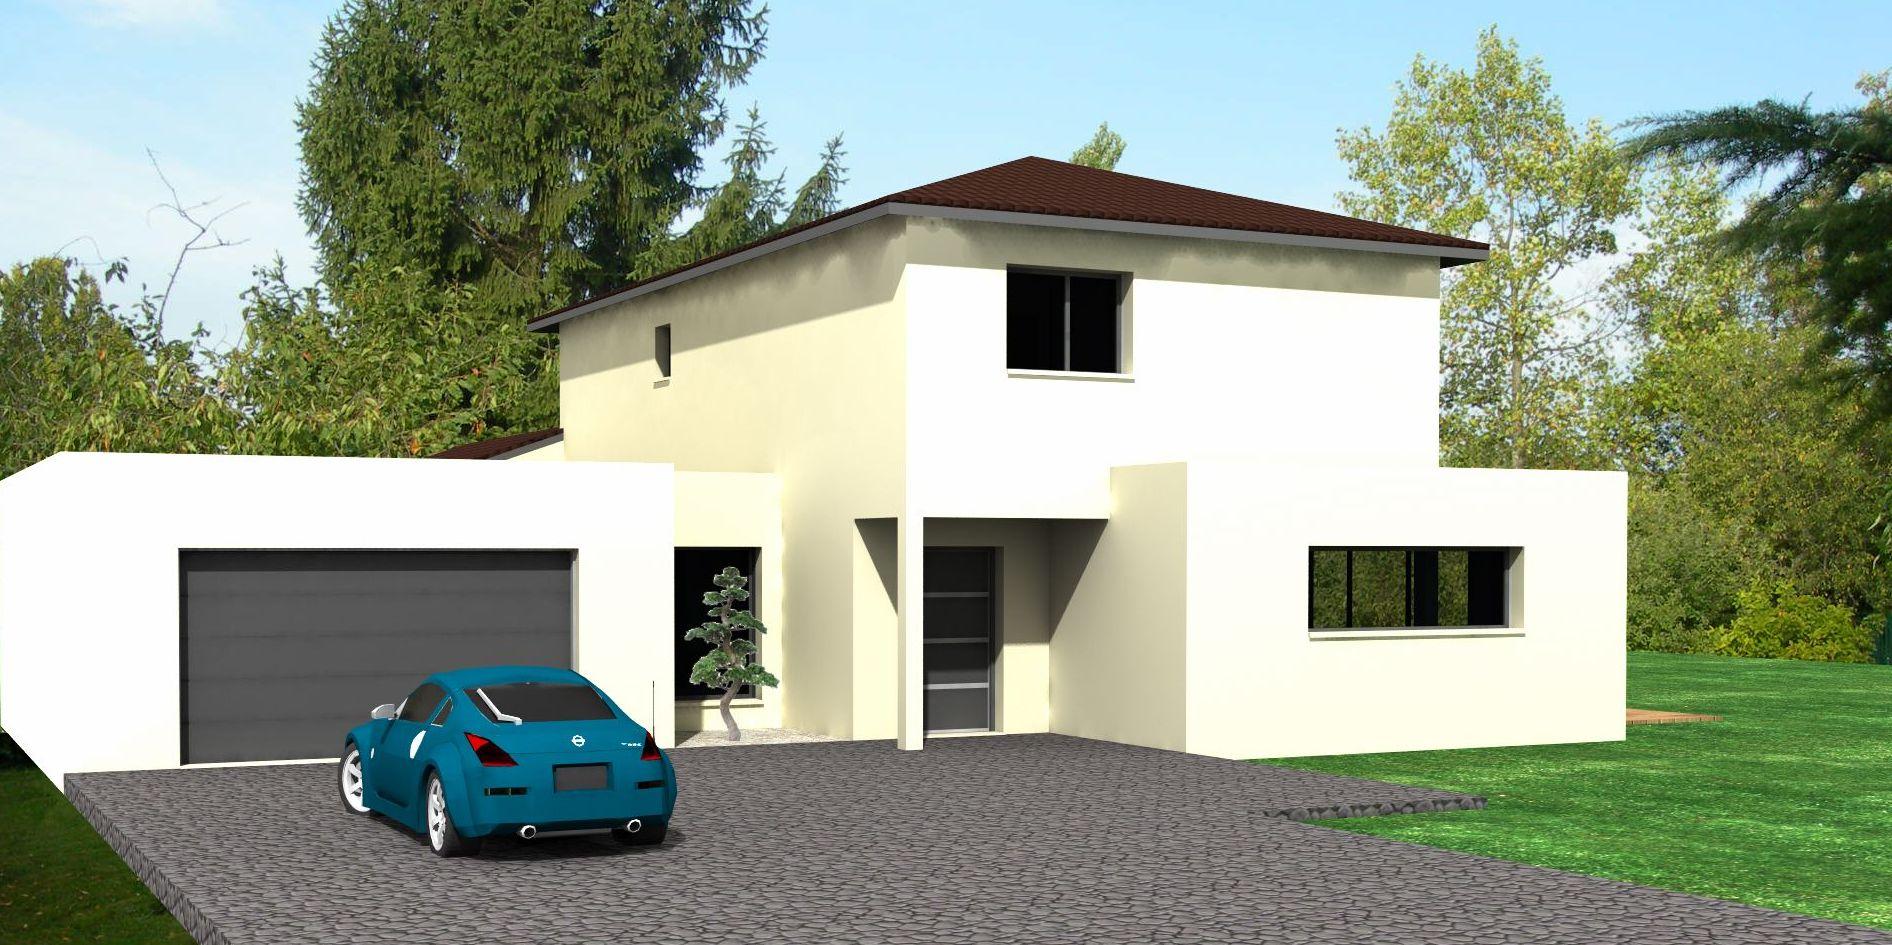 Maison contemporaine 165 m2 dans l 39 ain etudes de projets for Maison moderne et contemporaine